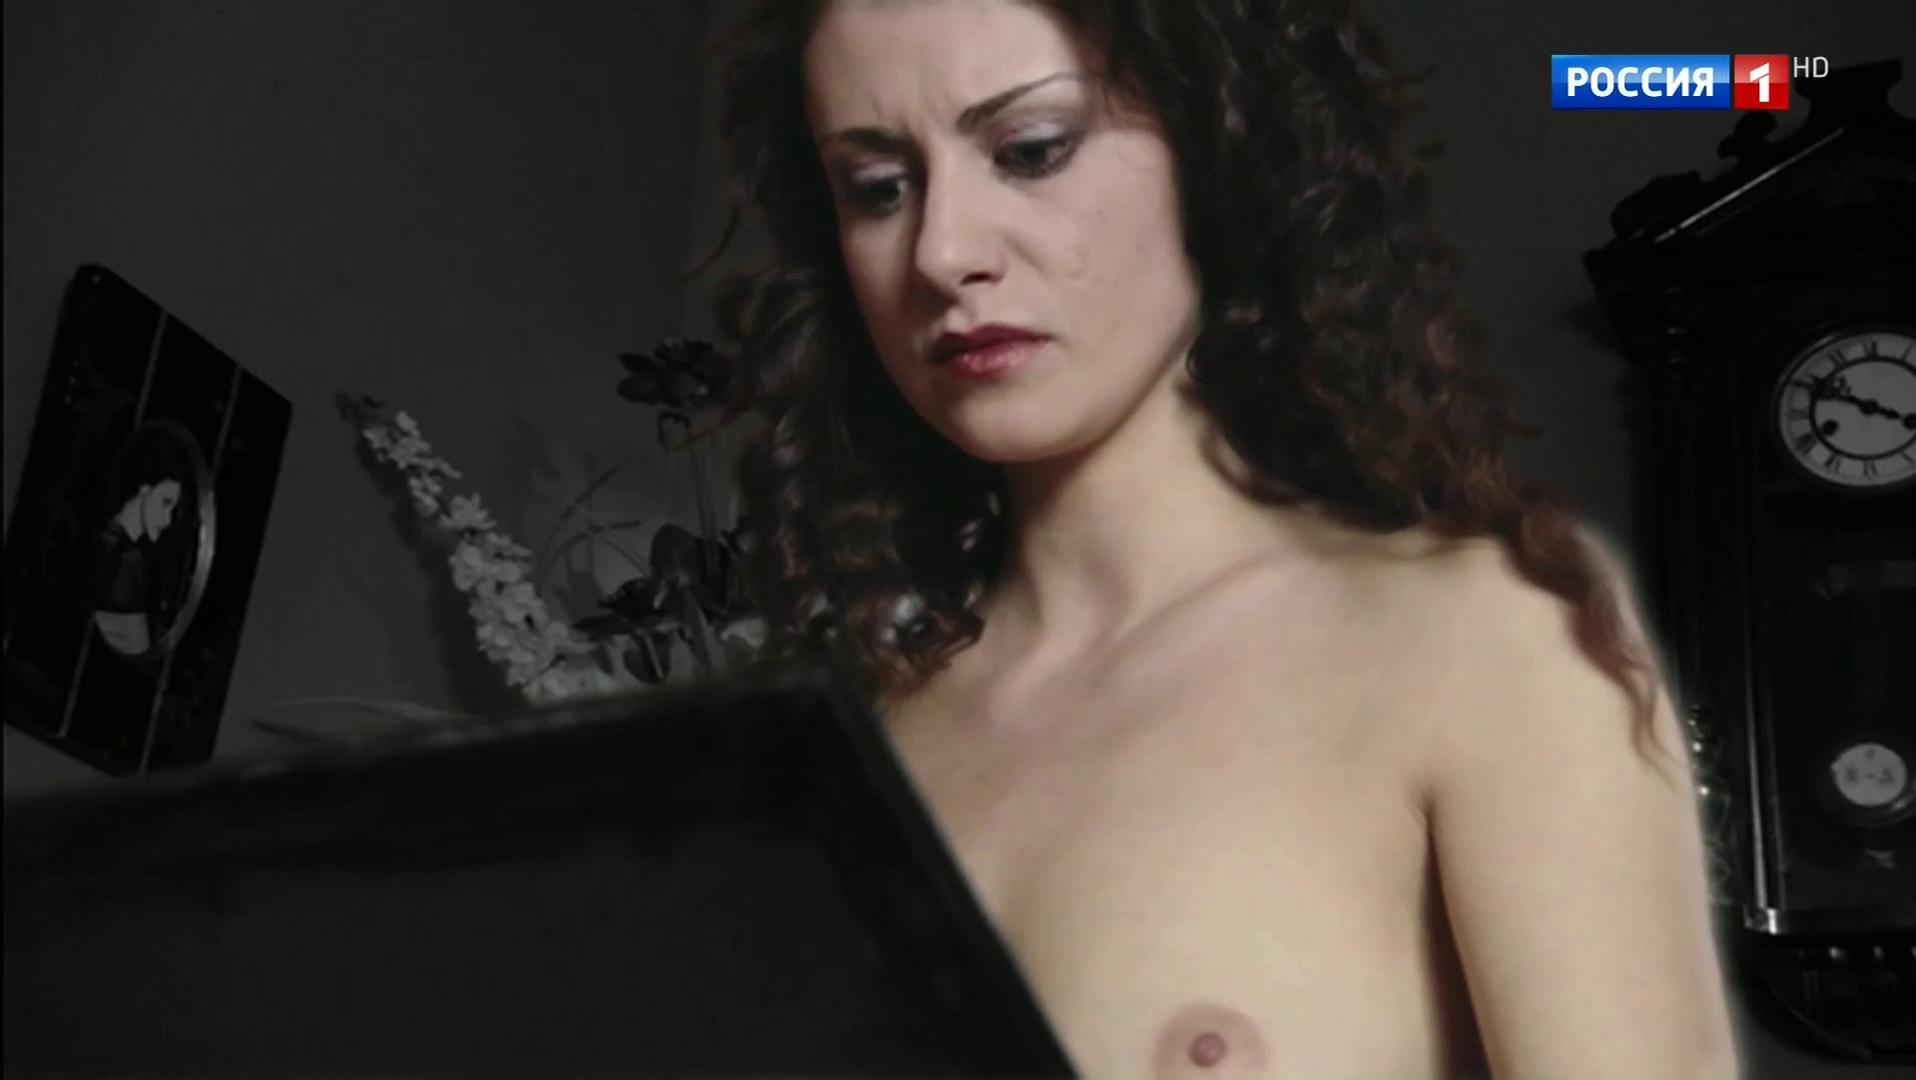 golie-znamenitosti-kovalchuk